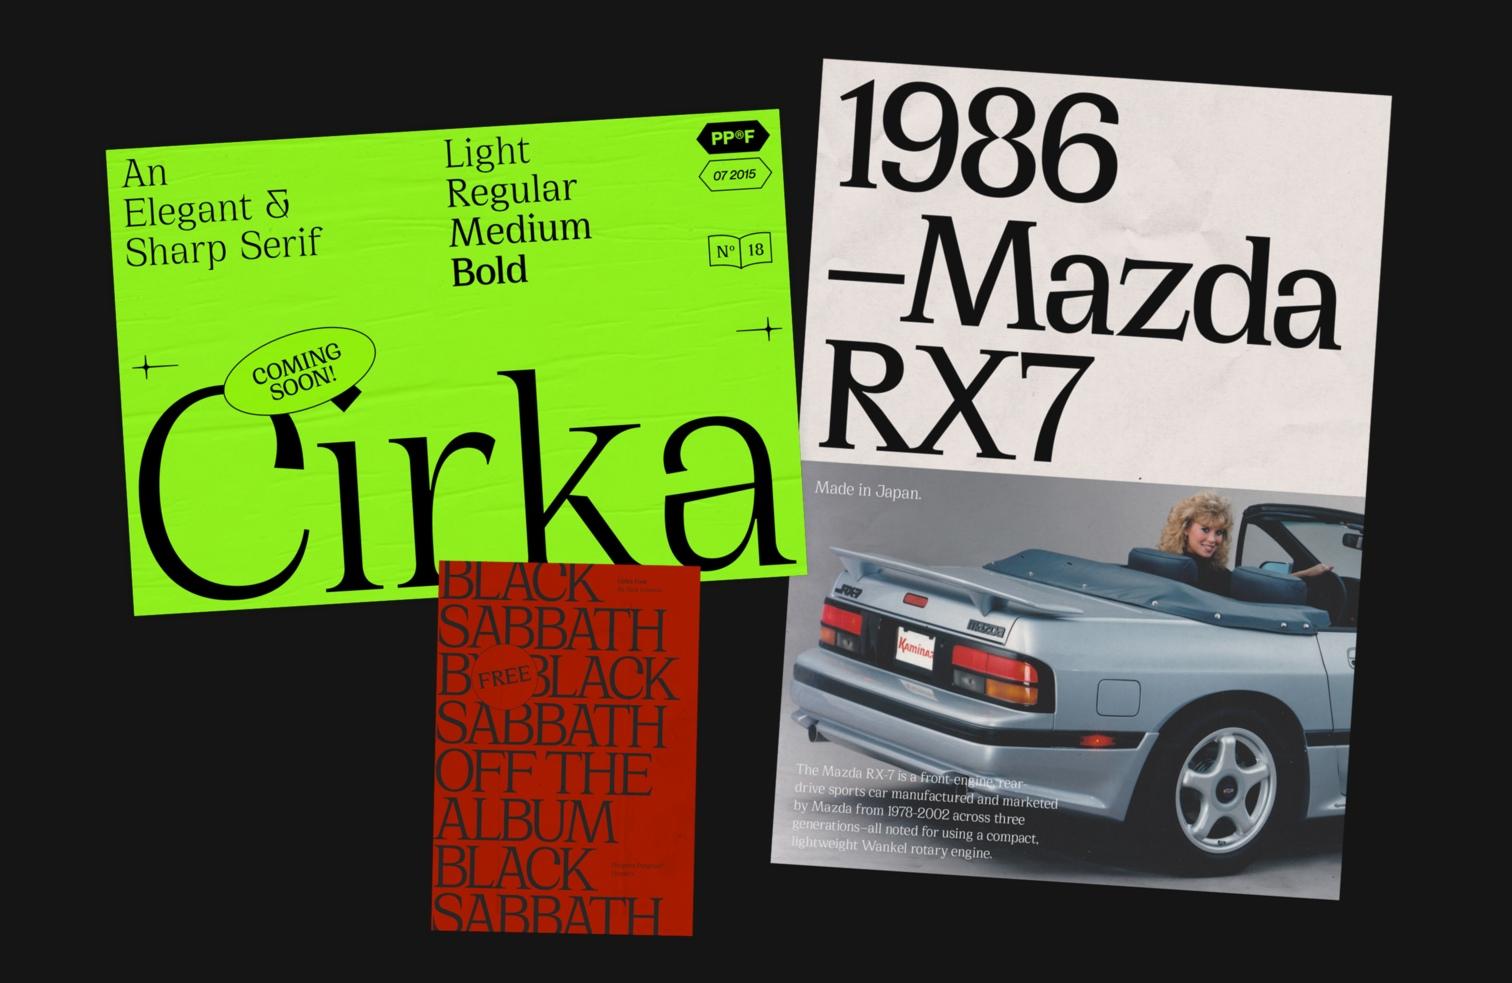 Cirka经典衬线英文字体下载